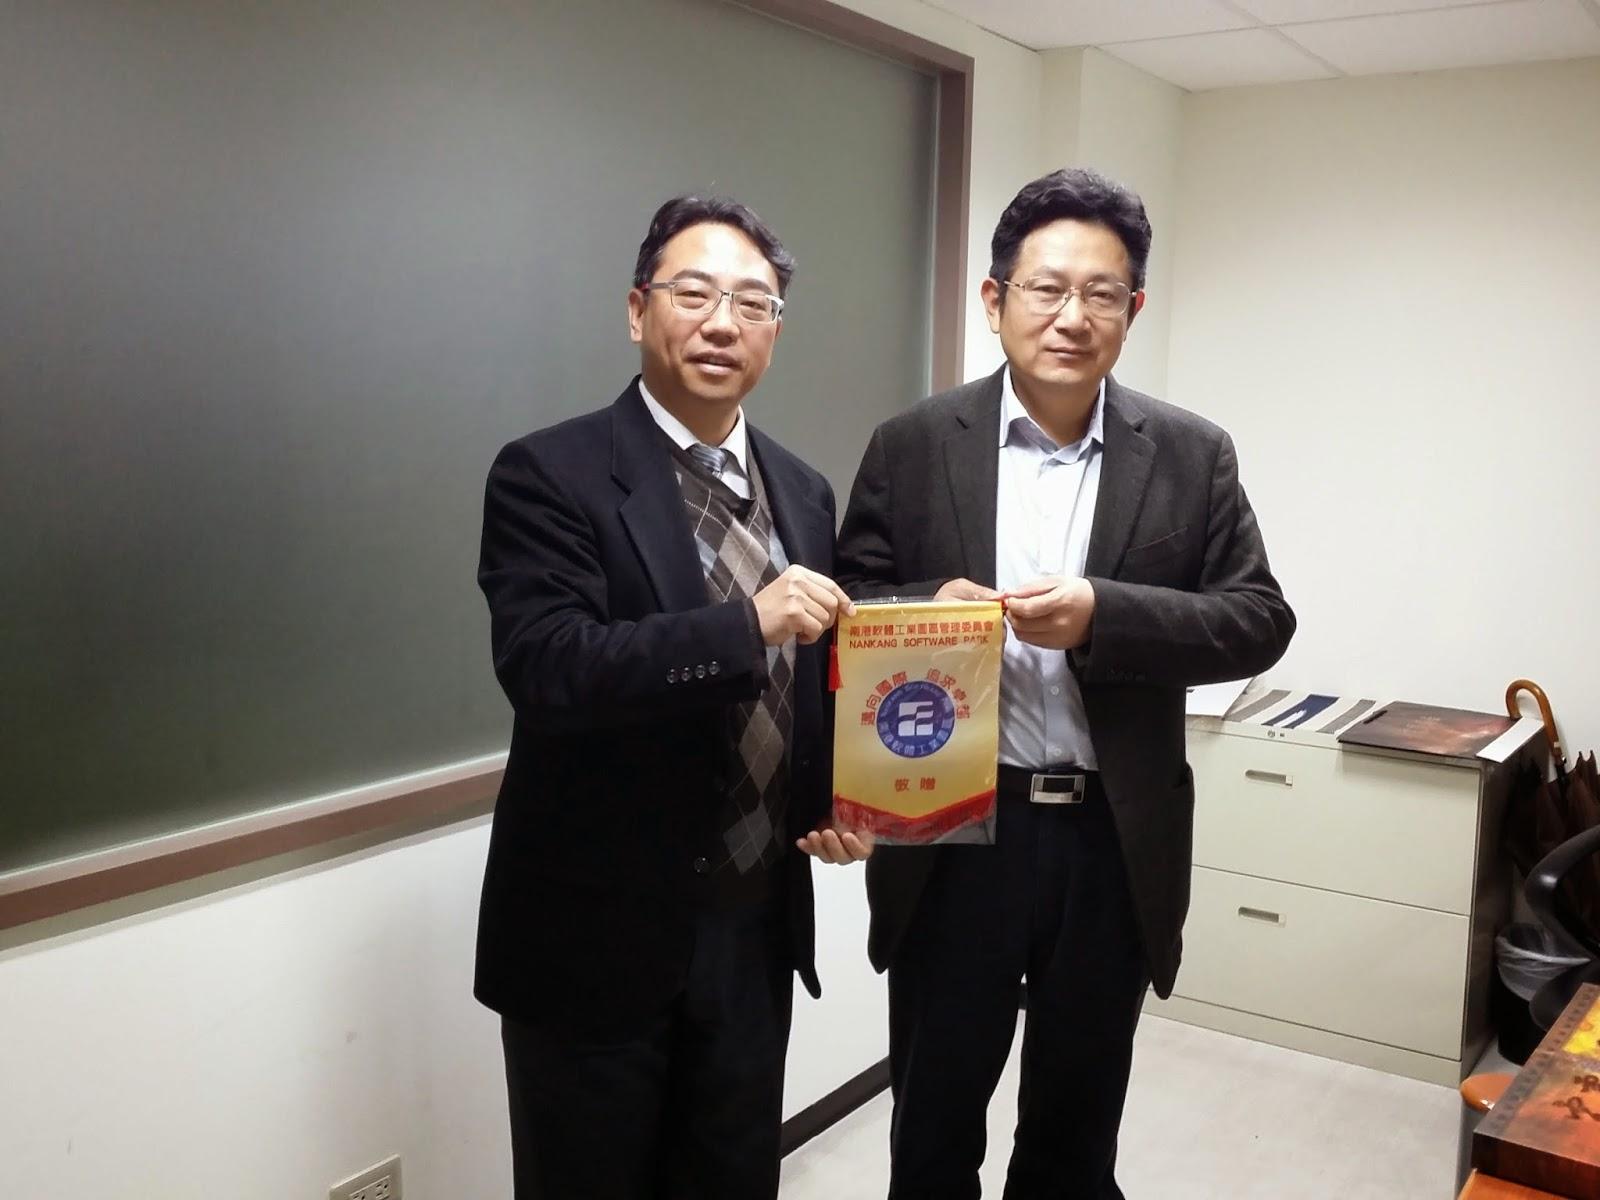 浙江省麗水市參訪團